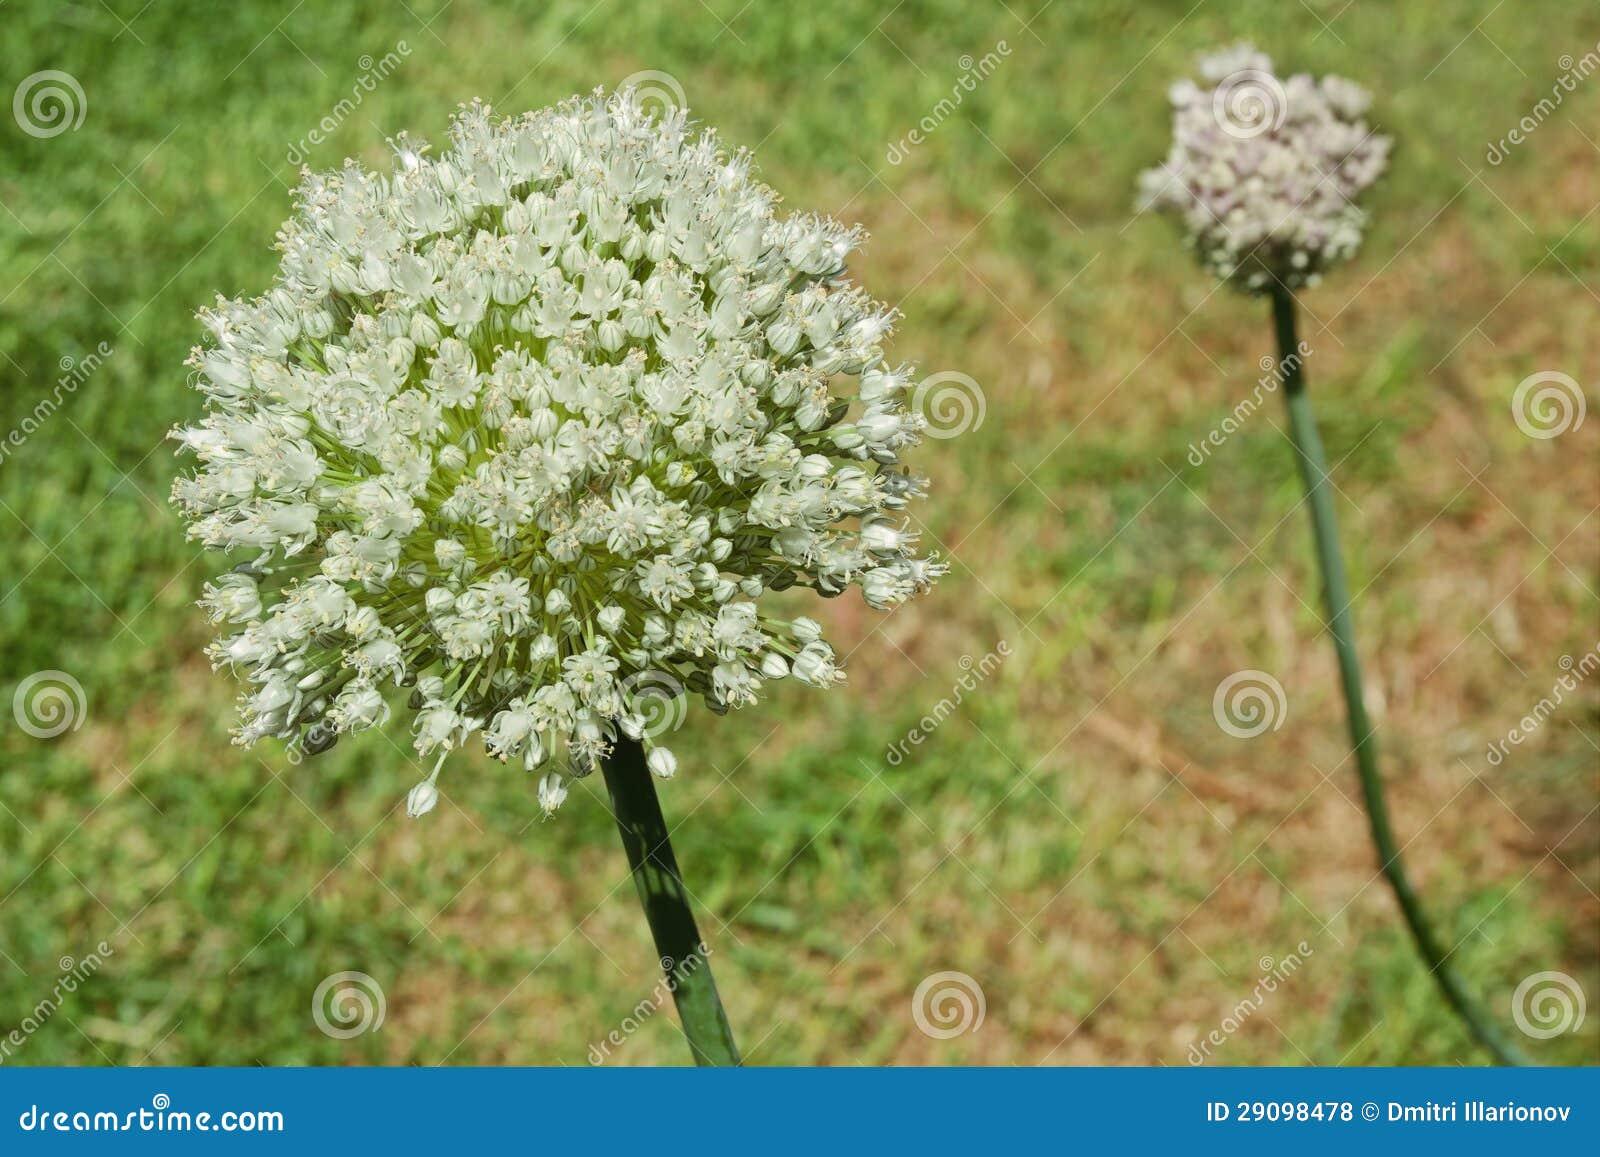 Лук-порей в цветении